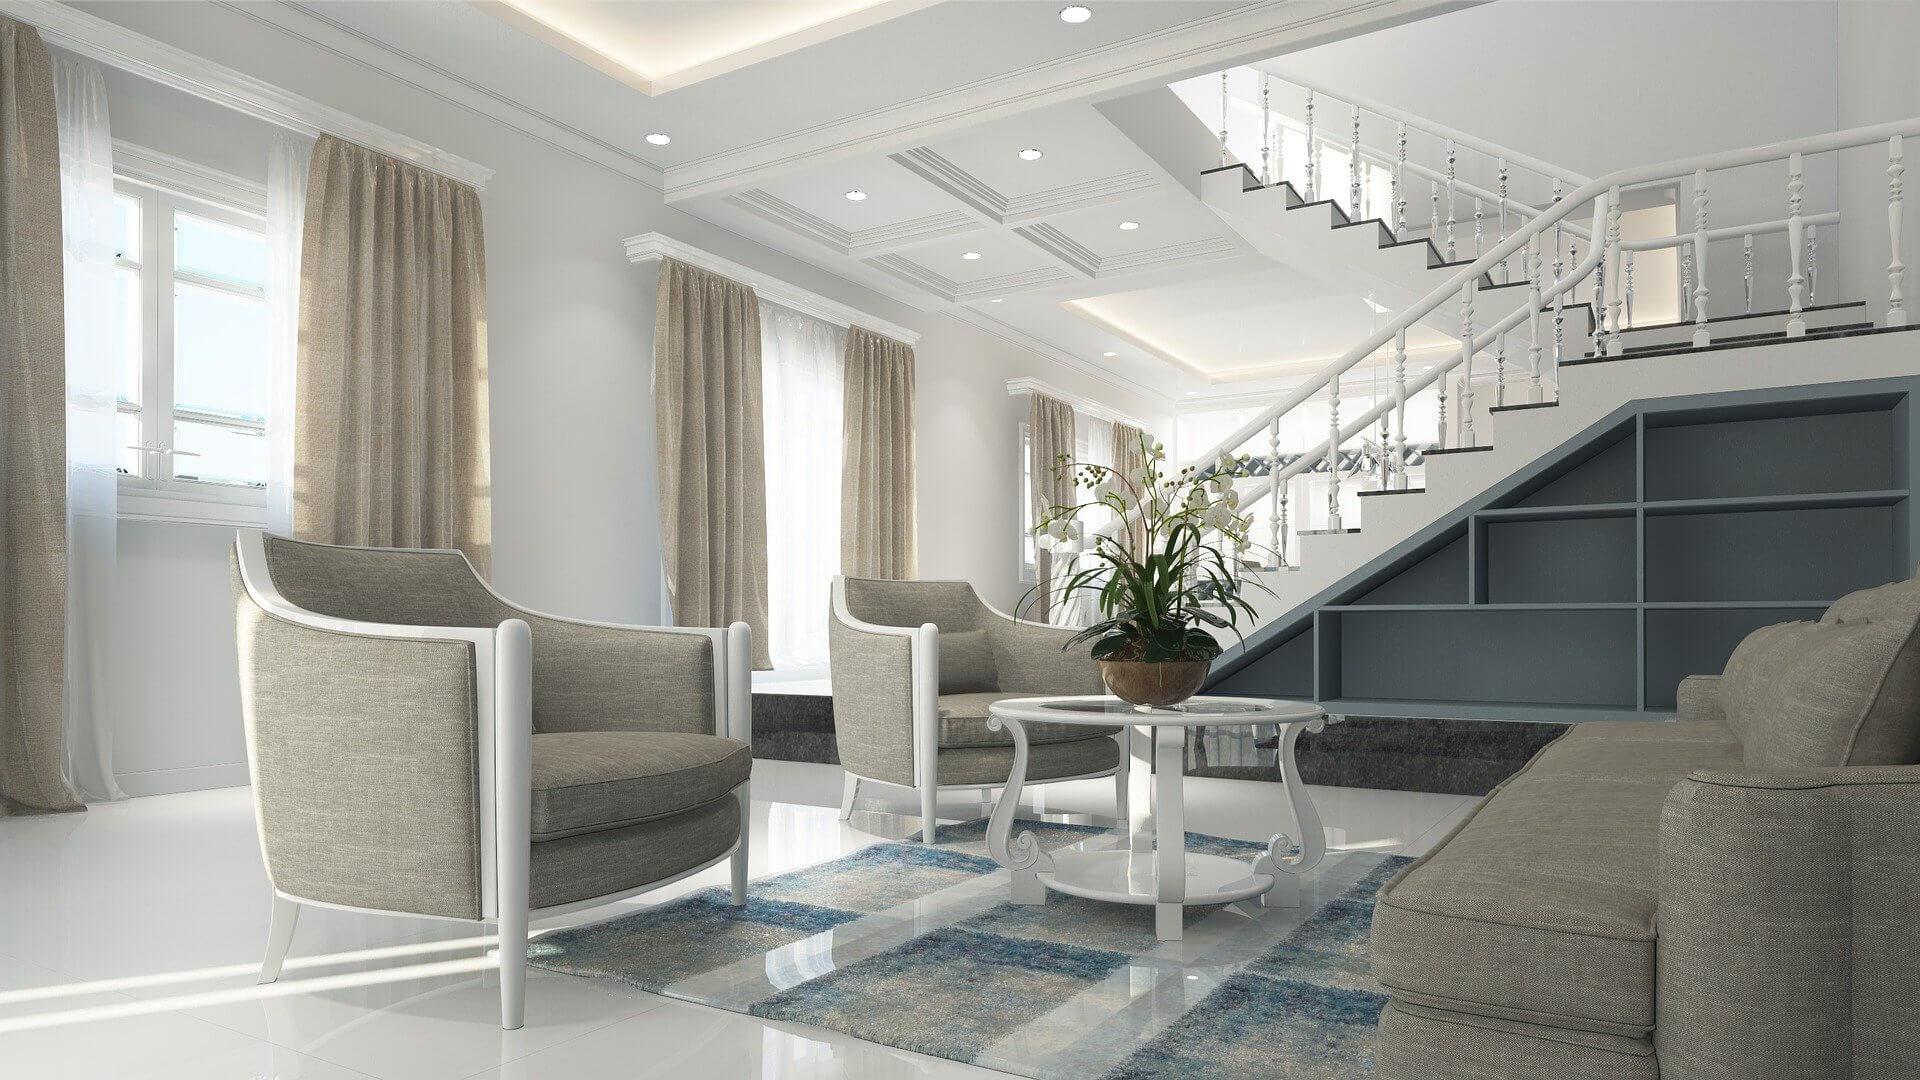 Przestrzeń mieszkalna